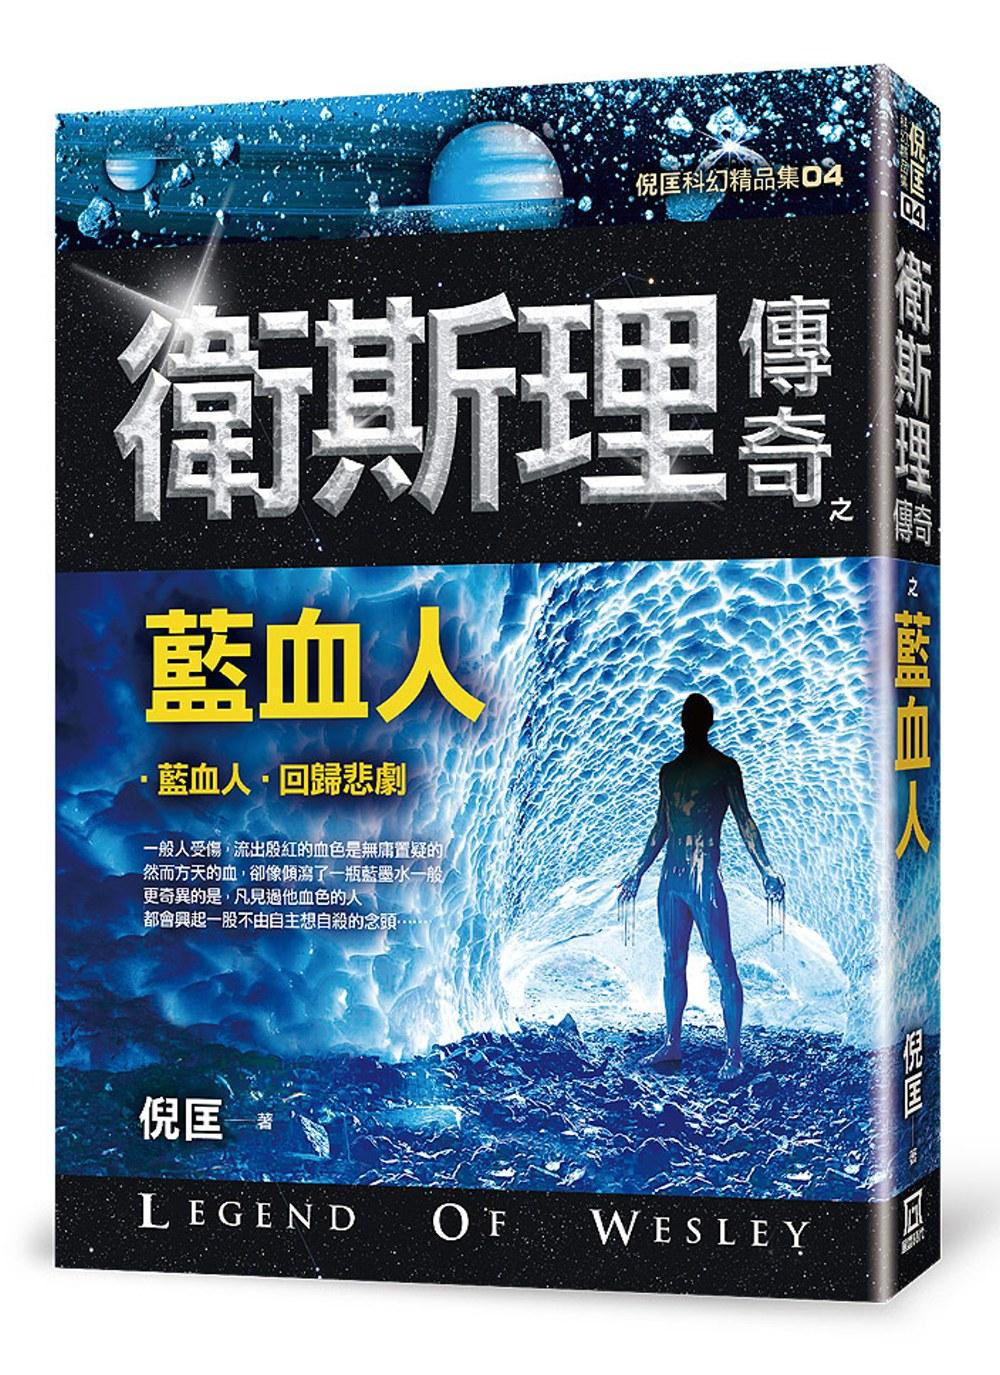 《衛斯理傳奇之藍血人【精品集】(新版)》 商品條碼,ISBN:9789863525288